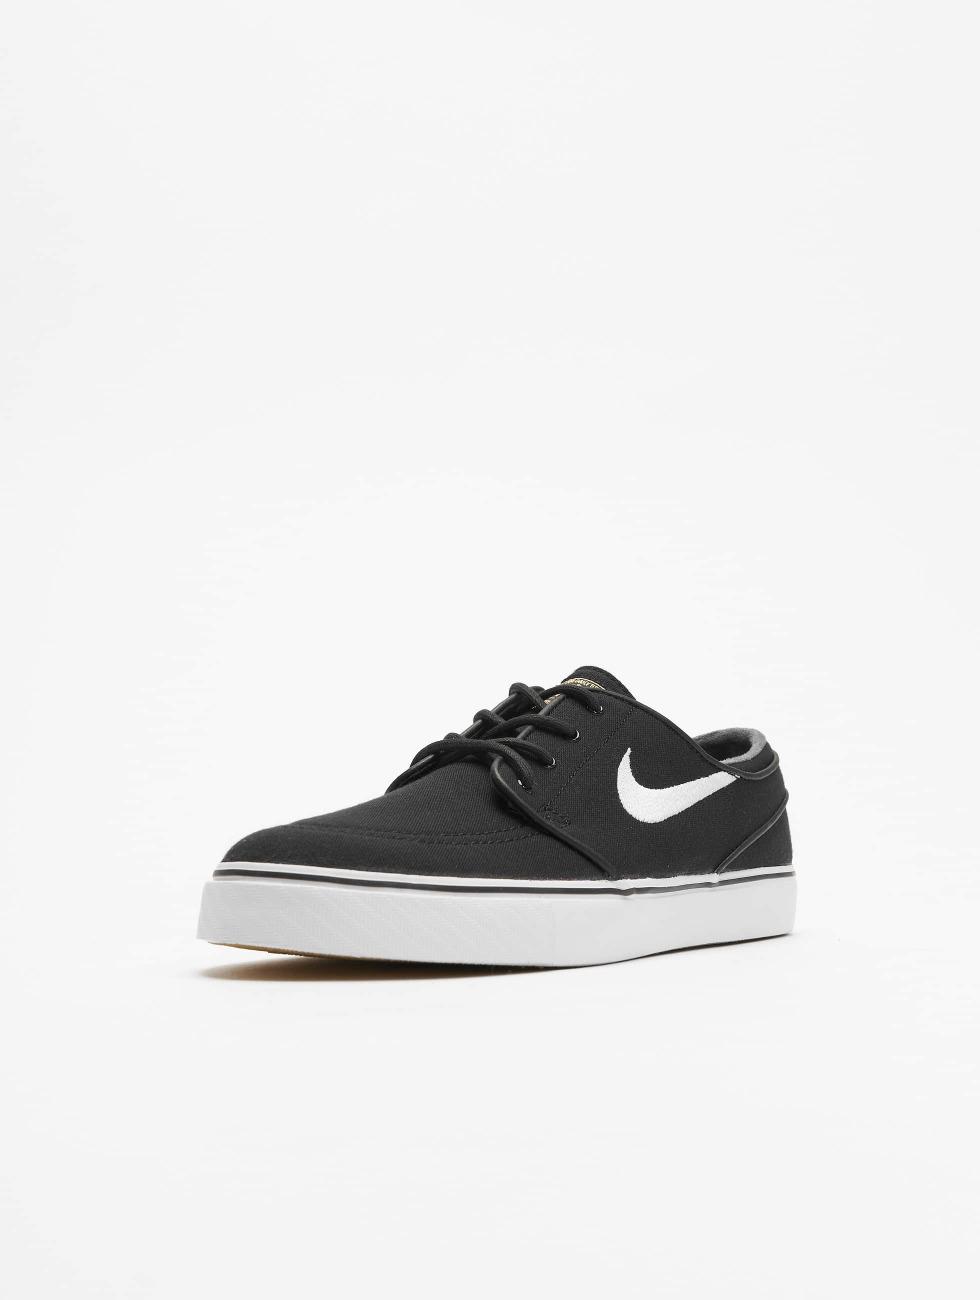 Nike Sb Sko / Sneaker Zoom Stefan Janoski Svart 173 351 Salg Hvor Mye Virkelig For Salg Besøk 1o52f